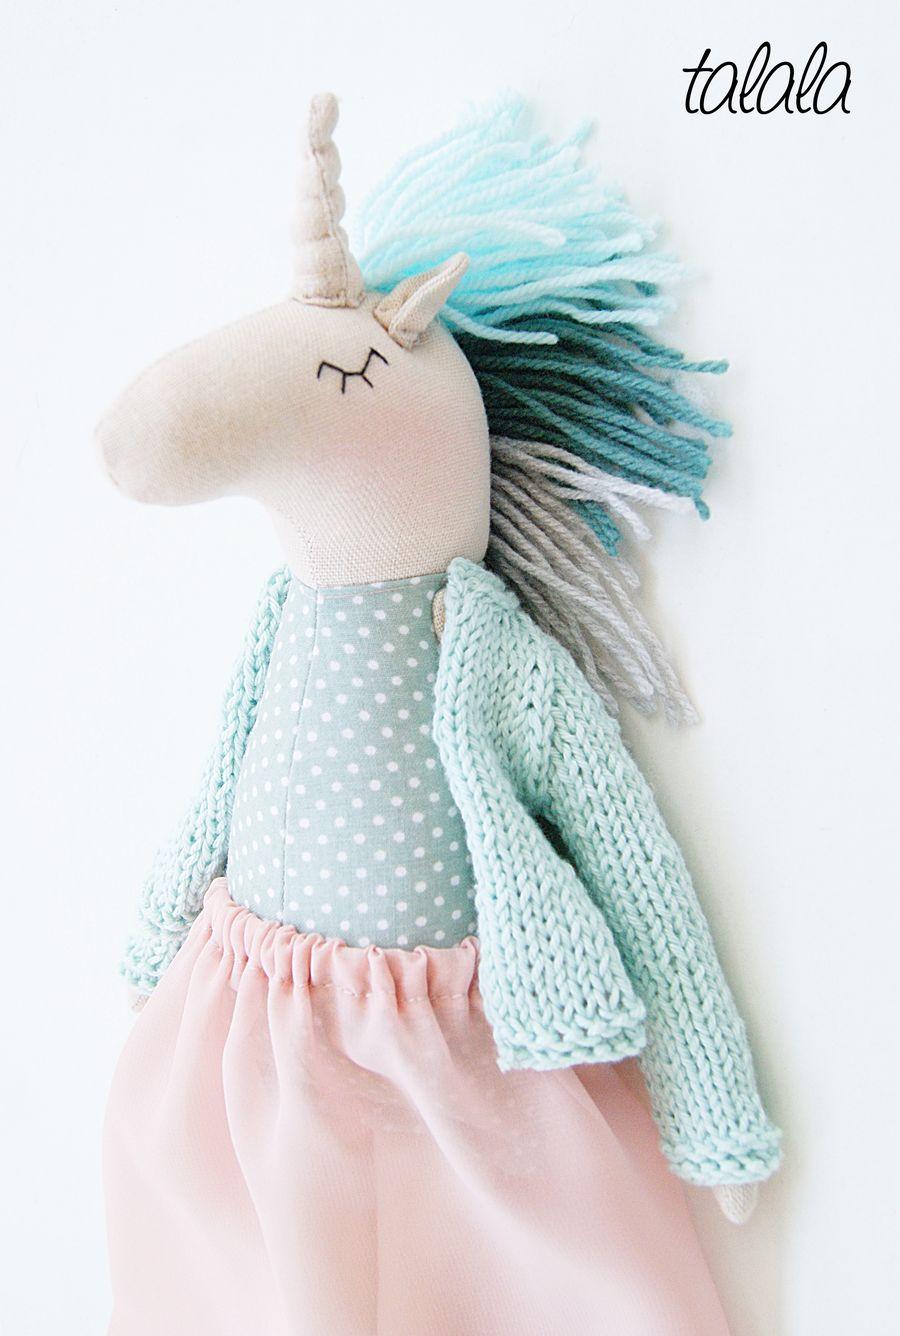 Unicorn Talala polish dolls